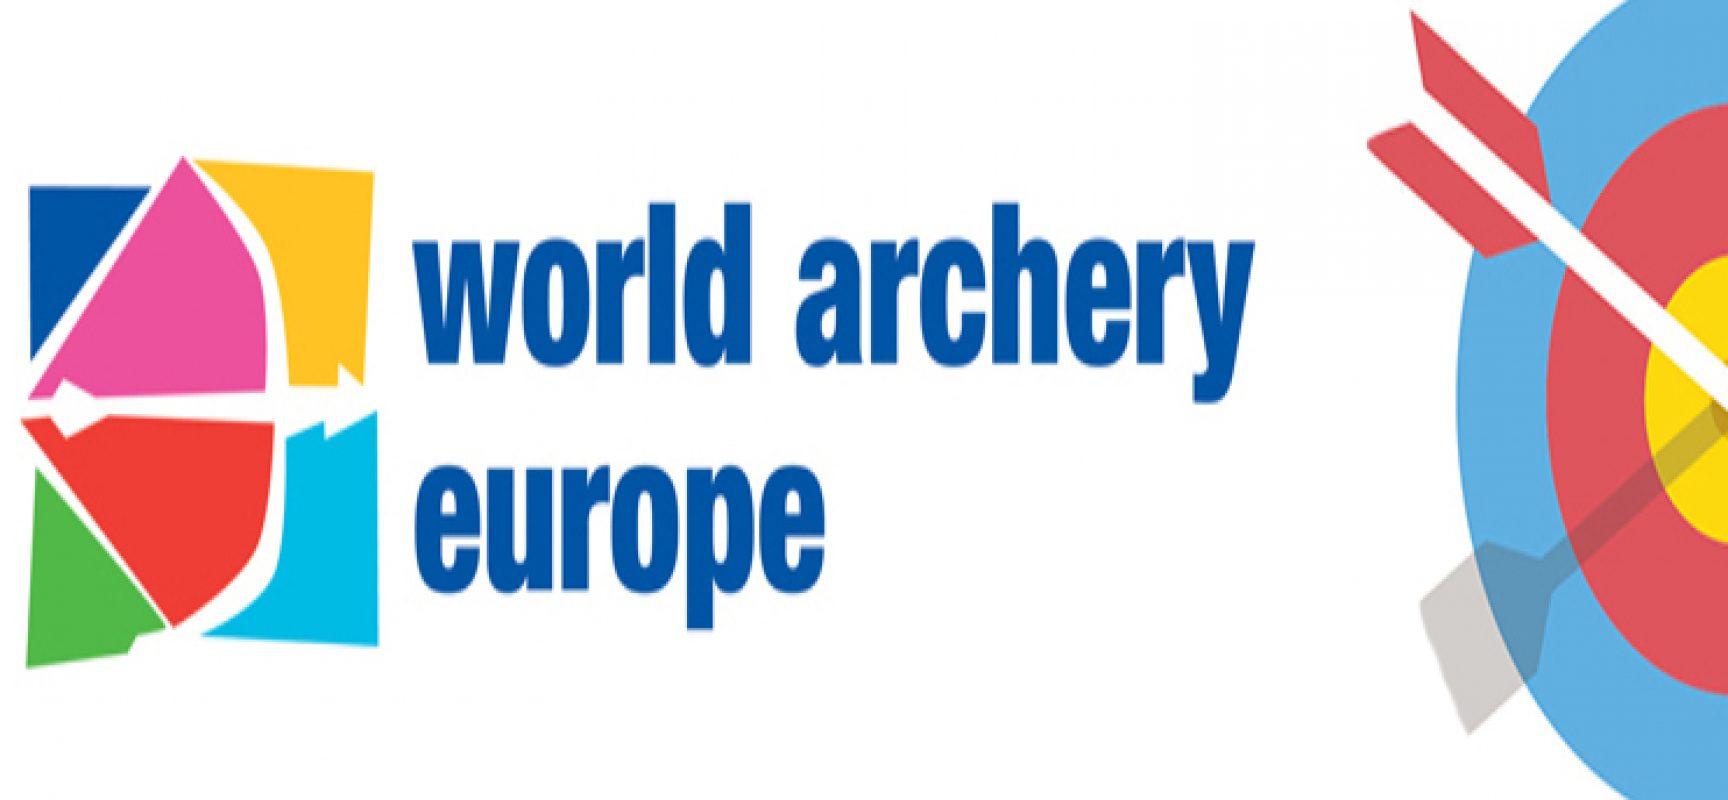 Το πρόγραμμα της Ευρωπαϊκής Ομοσπονδίας Τοξοβολίας για το 2021